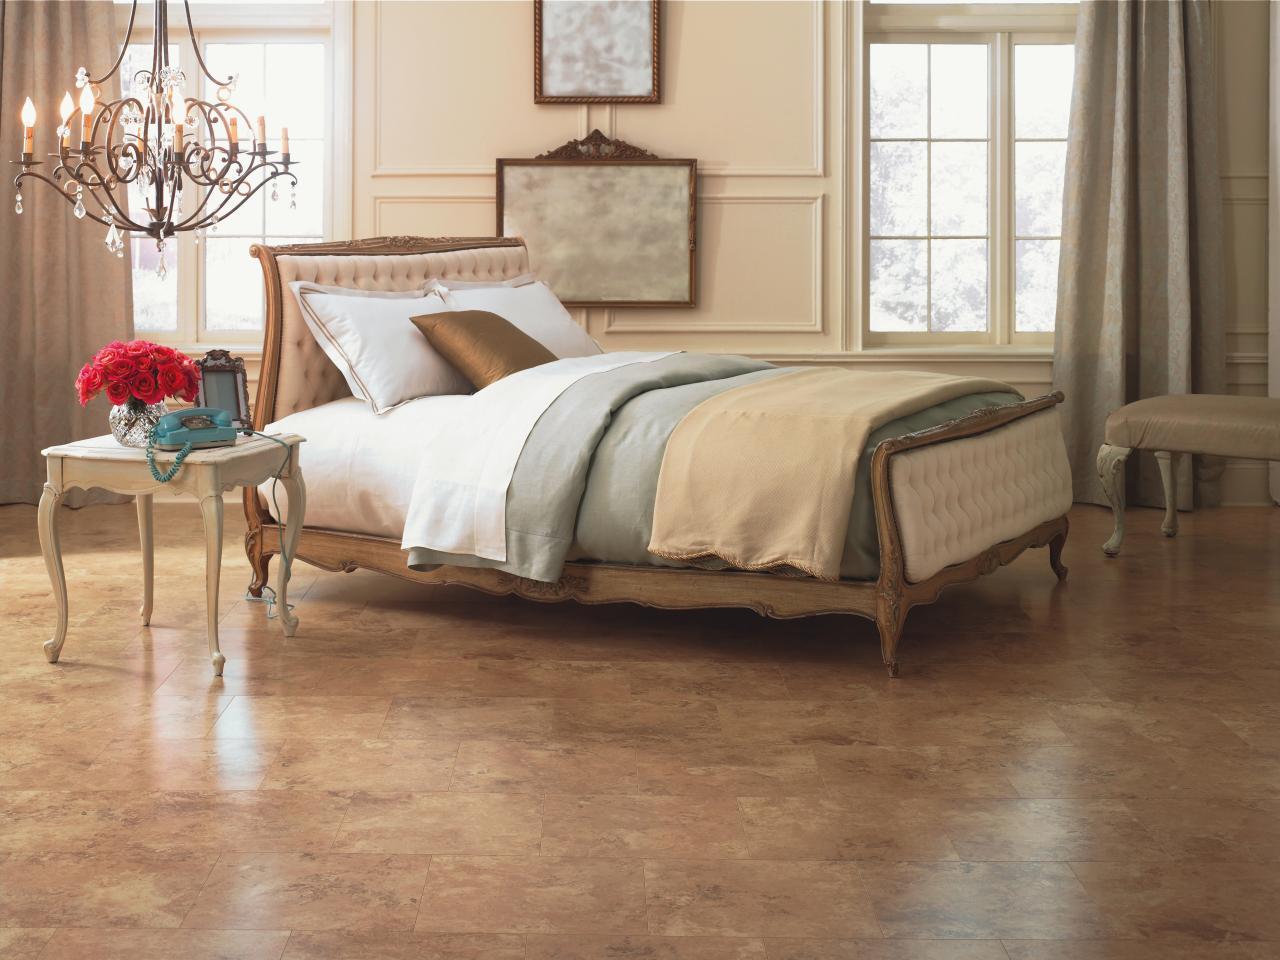 Каменная плитка на полу спальни